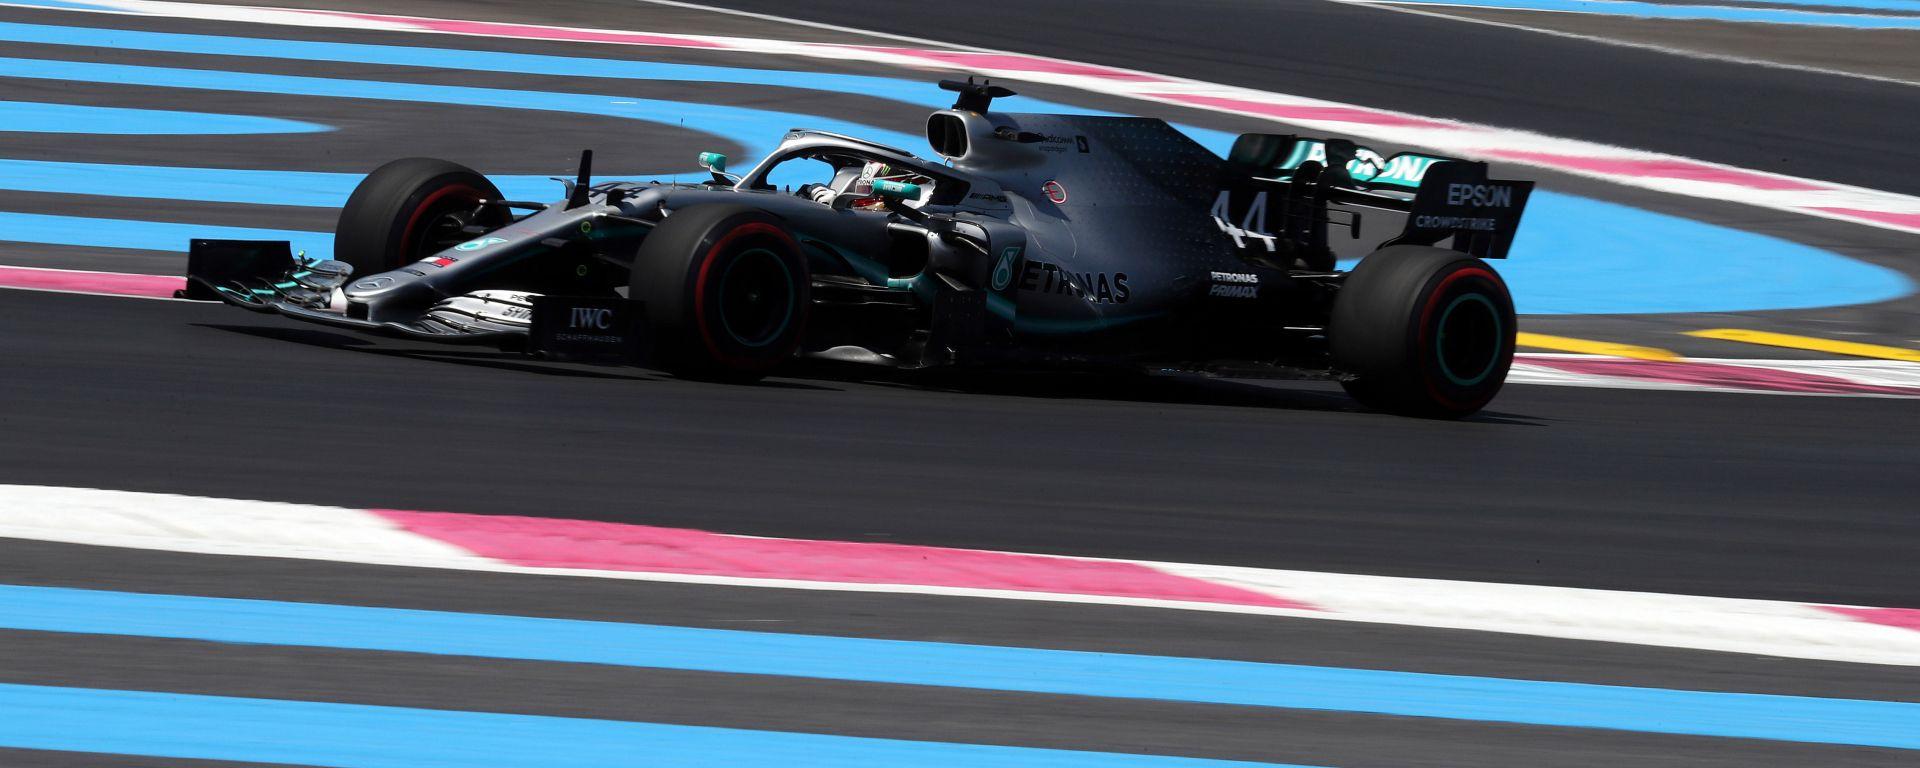 GP Francia 2019 – Qualifiche: Hamilton spaziale, Vettel solo 7°